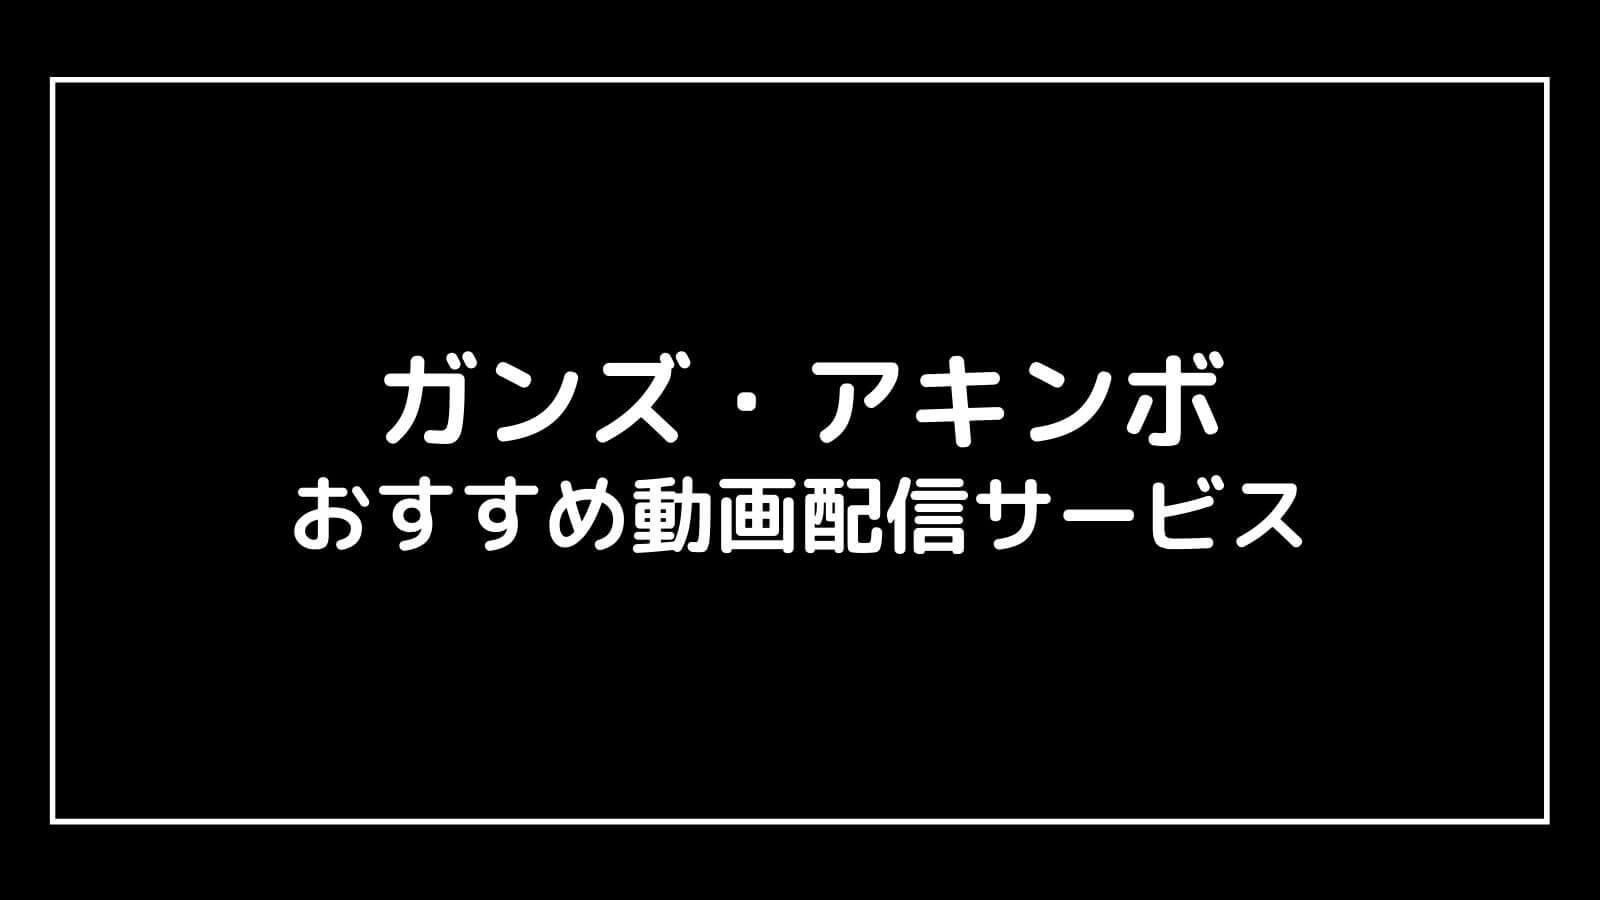 『ガンズ・アキンボ』の無料動画をフル視聴できるおすすめ配信サービス